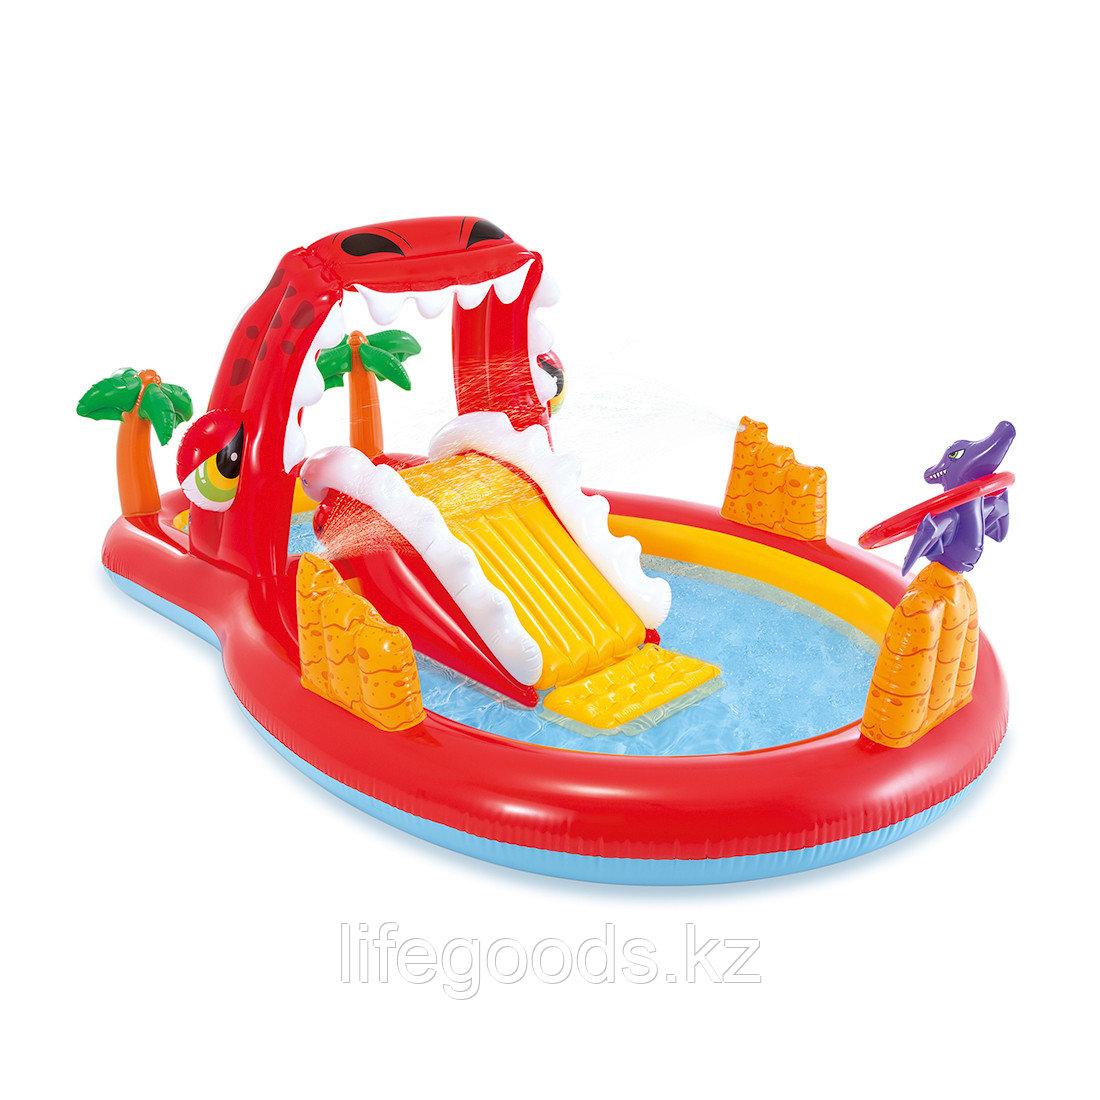 Детский надувной игровой бассейн 259х165 см Intex 57160NP